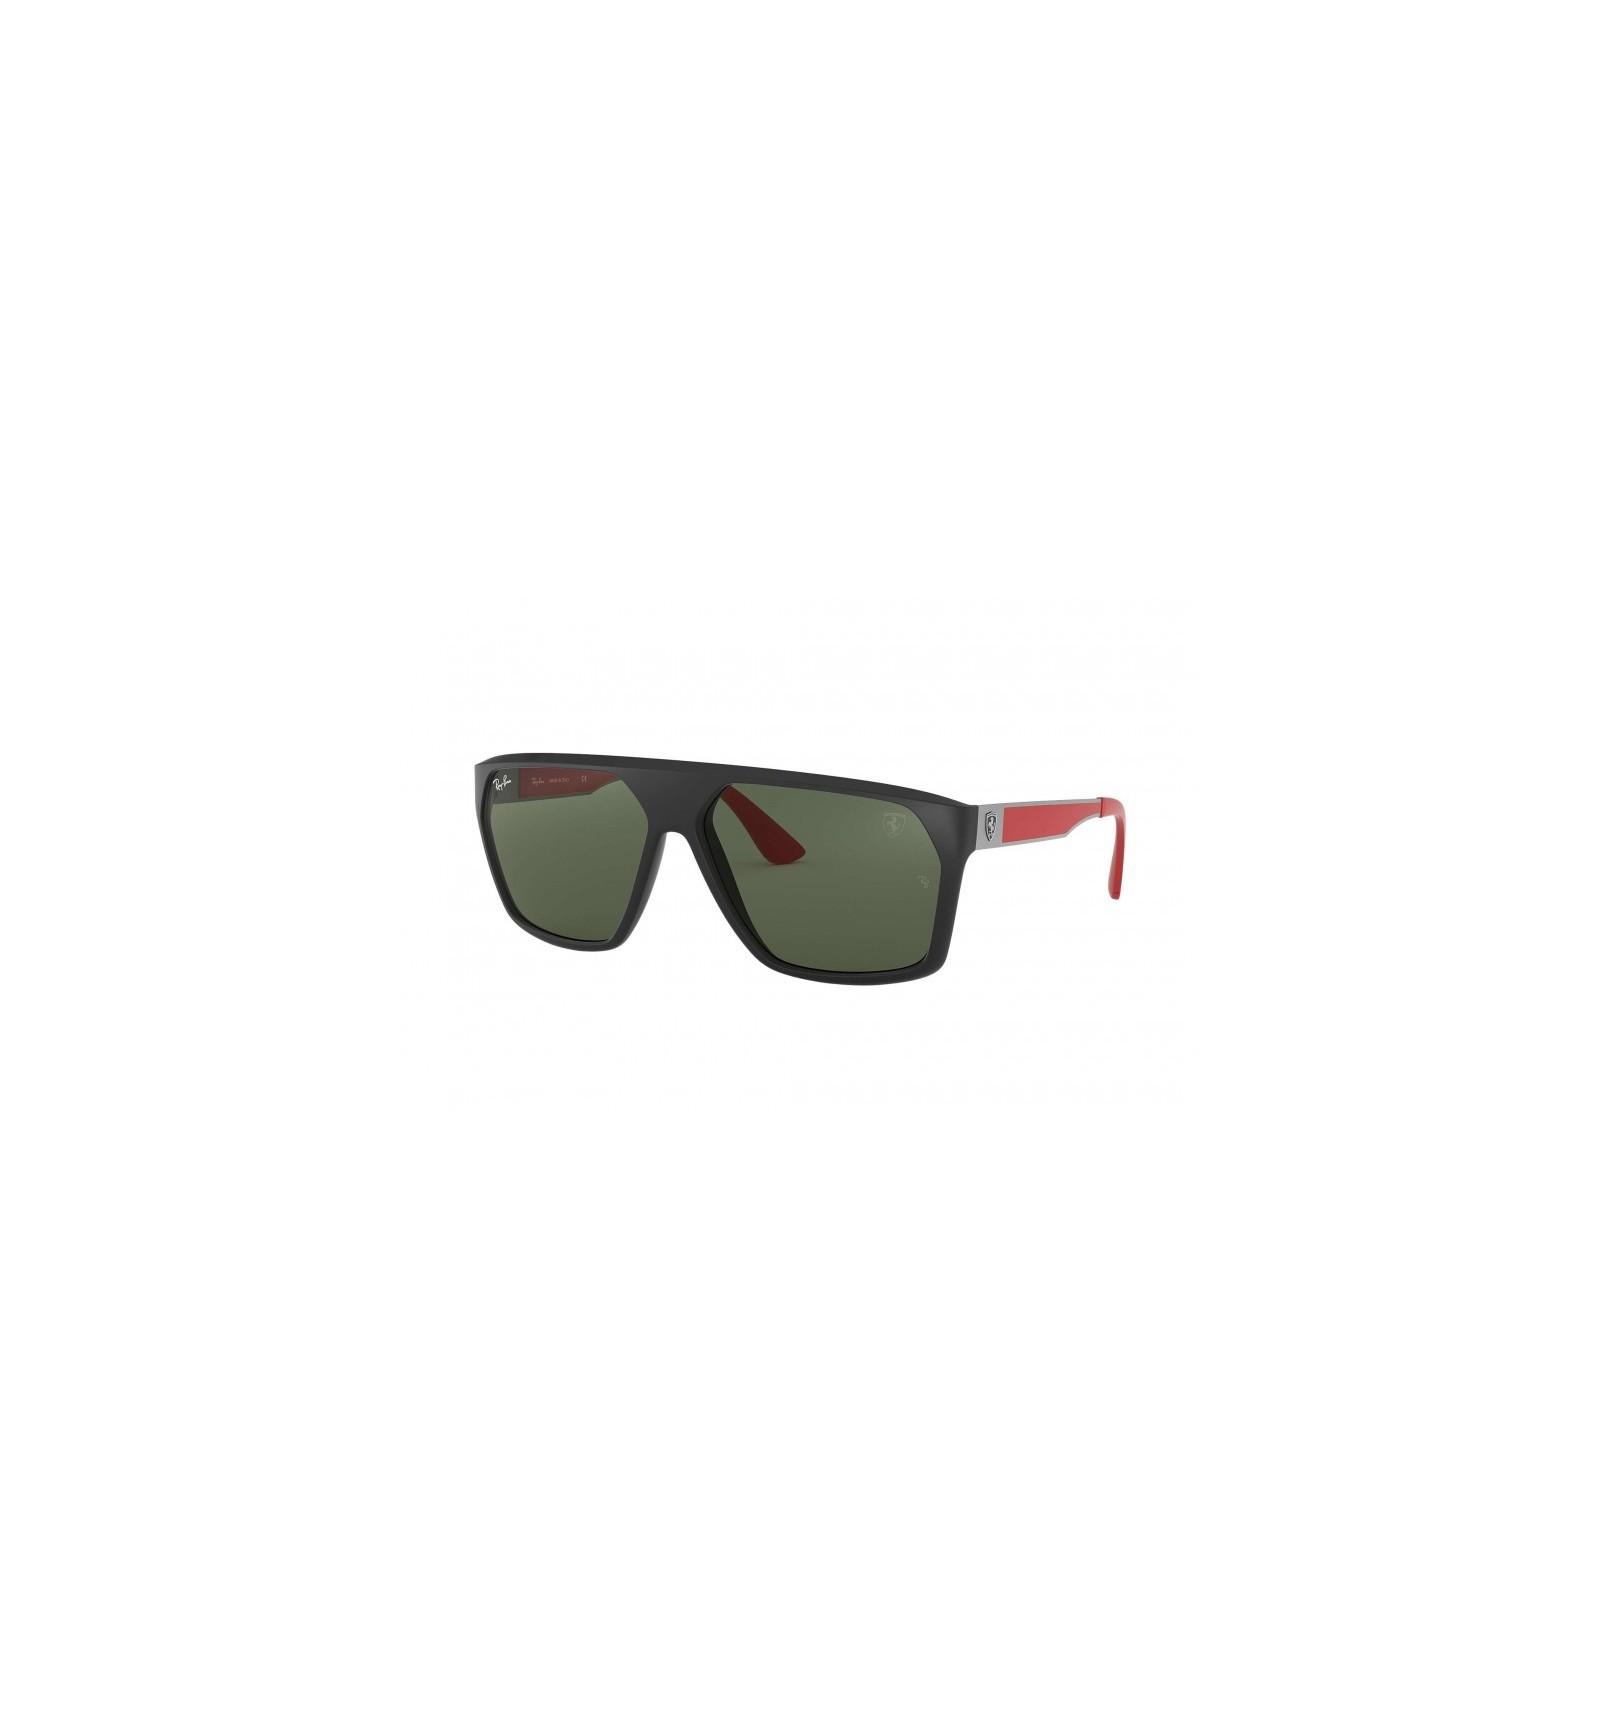 101c369a15be3 Gafas de sol RAY BAN Ferrari 4309M Negro - Verde Clásico - compra online